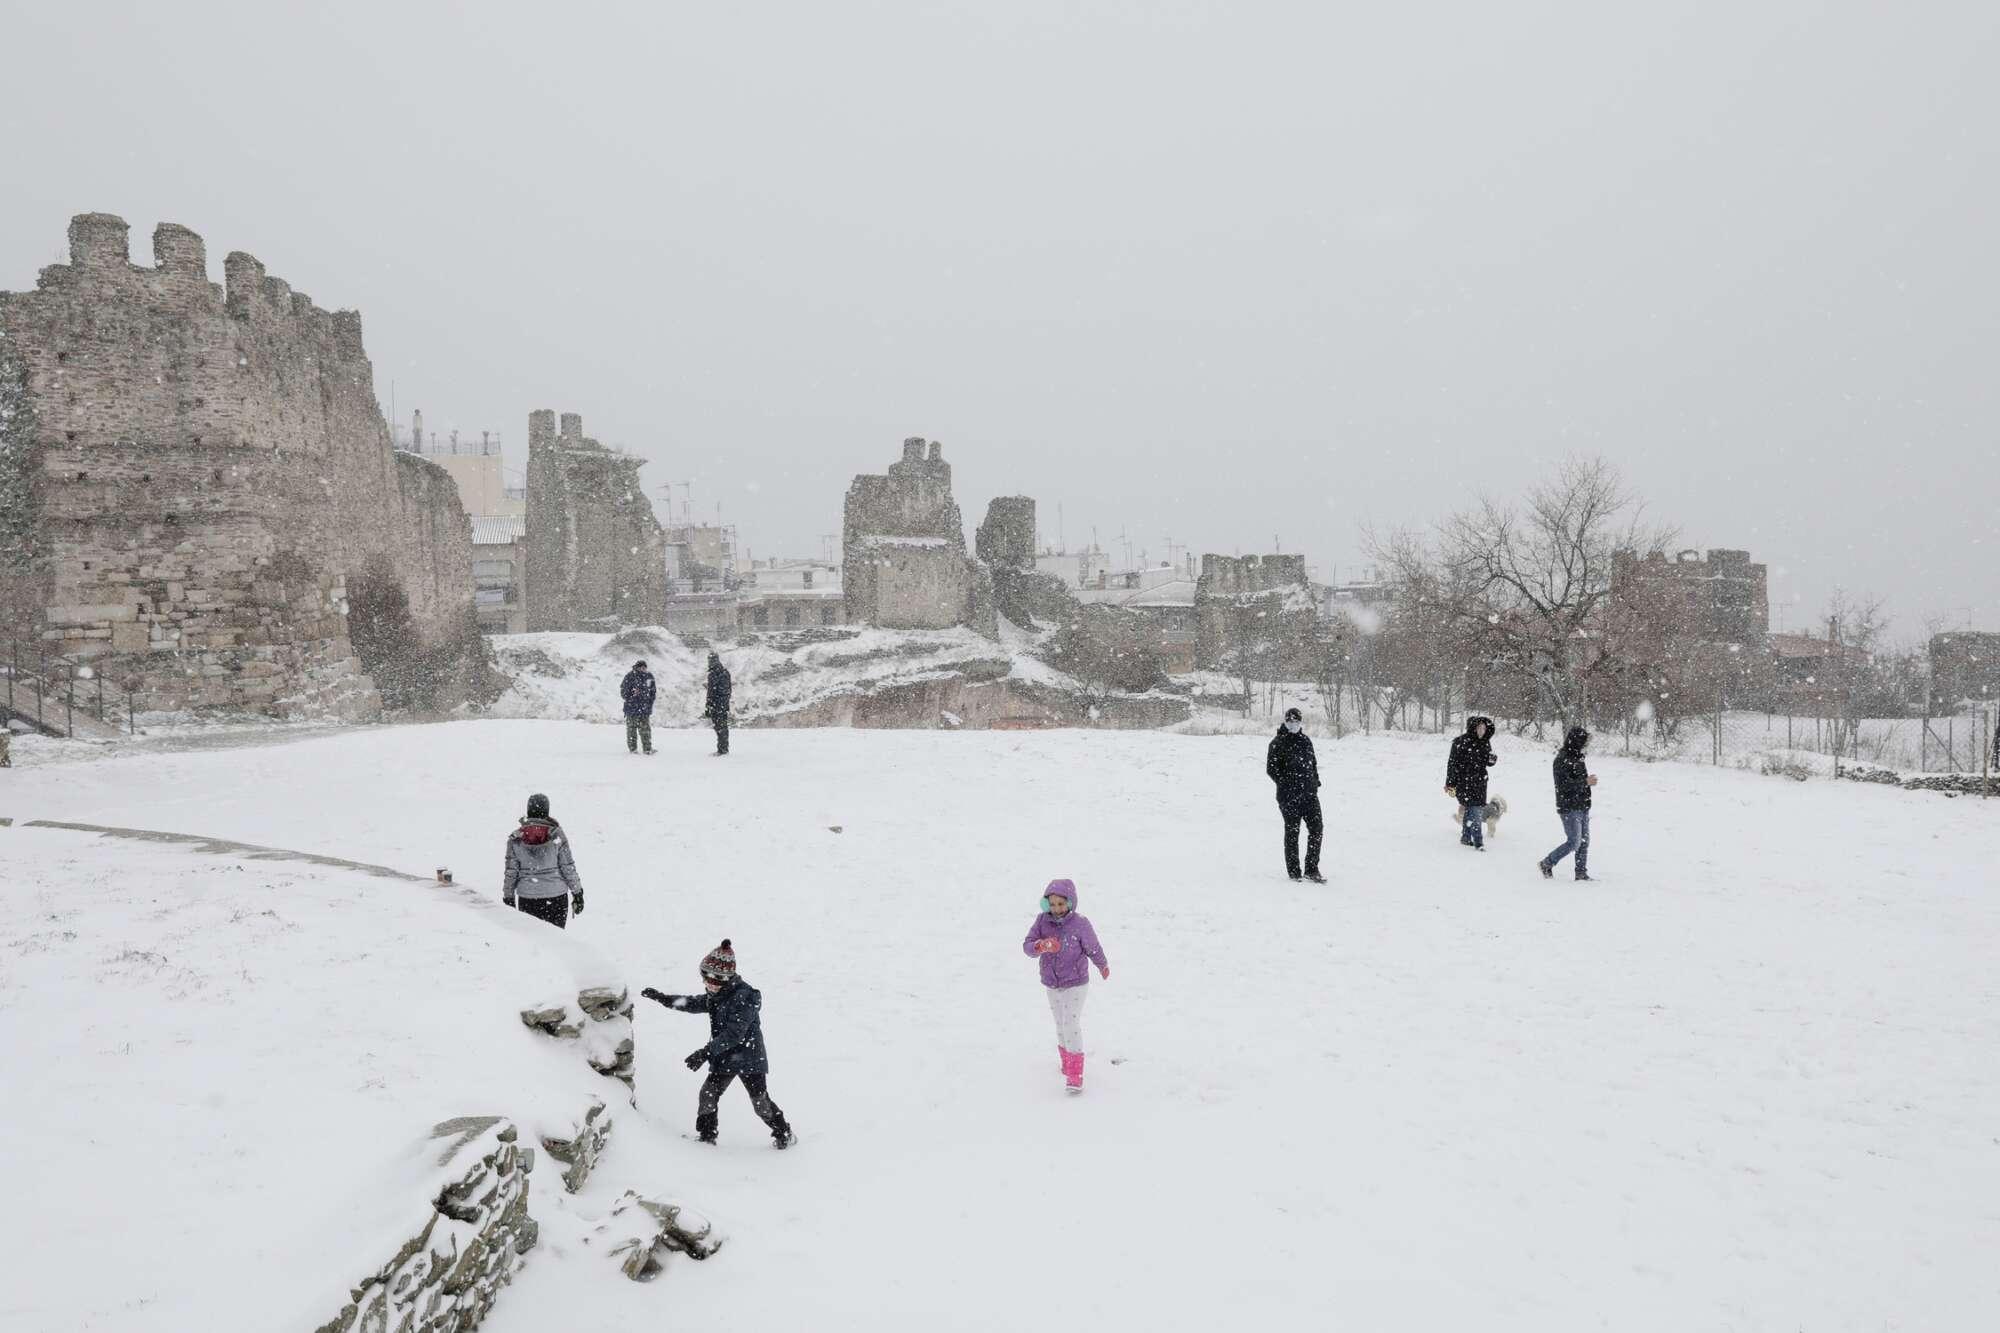 Τα κάστρα του Επταπυργίου, το Γεντί Κουλέ, λευκό στεφάνι για τη Νύμφη του Θερμαϊκού